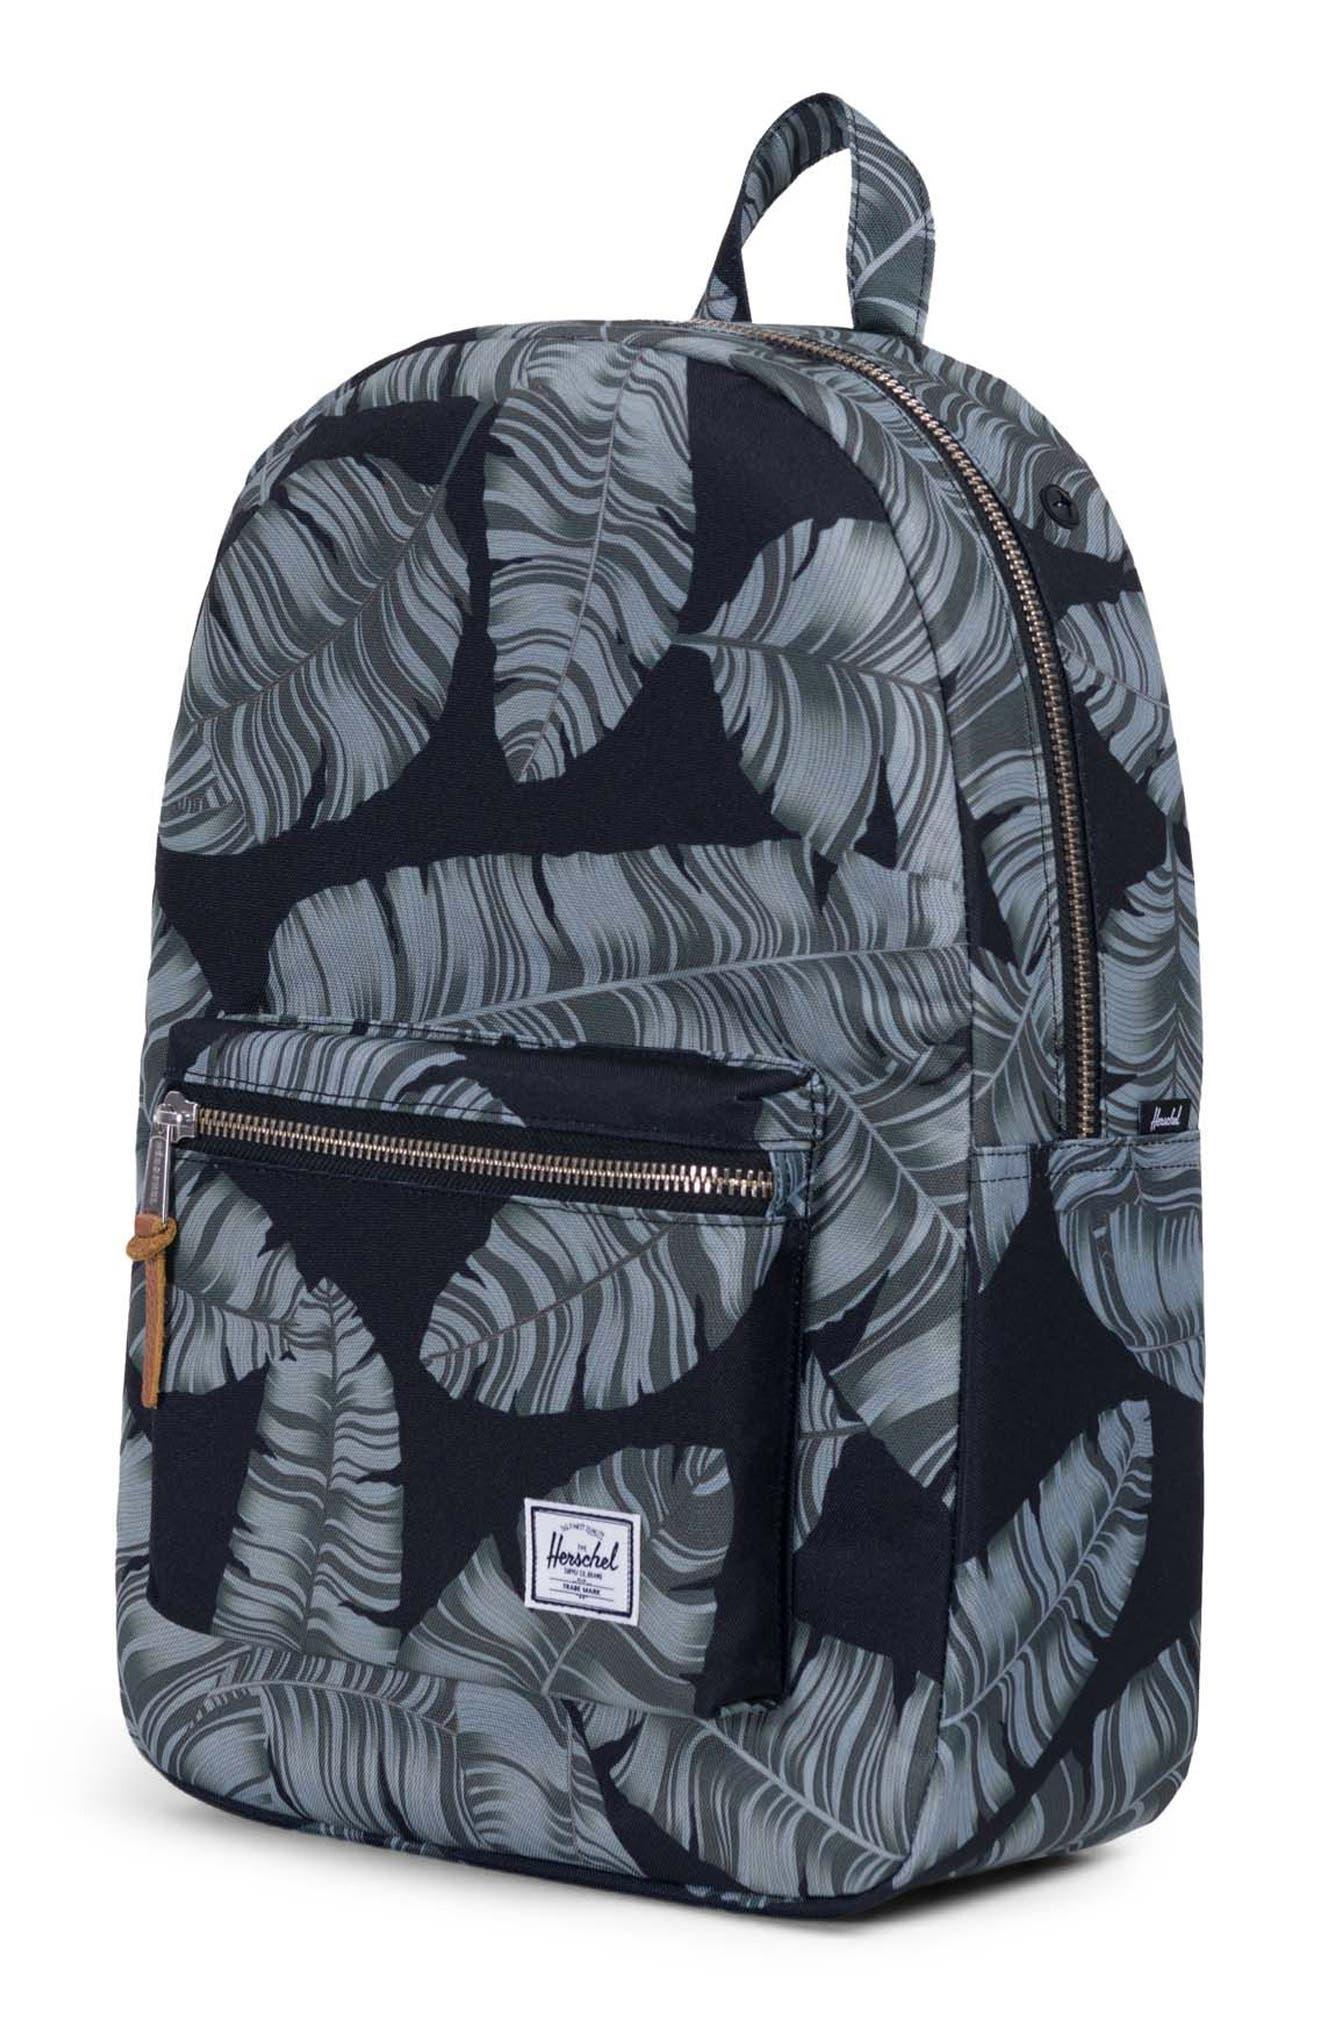 Settlement Aspect Backpack,                             Alternate thumbnail 2, color,                             Black Palm